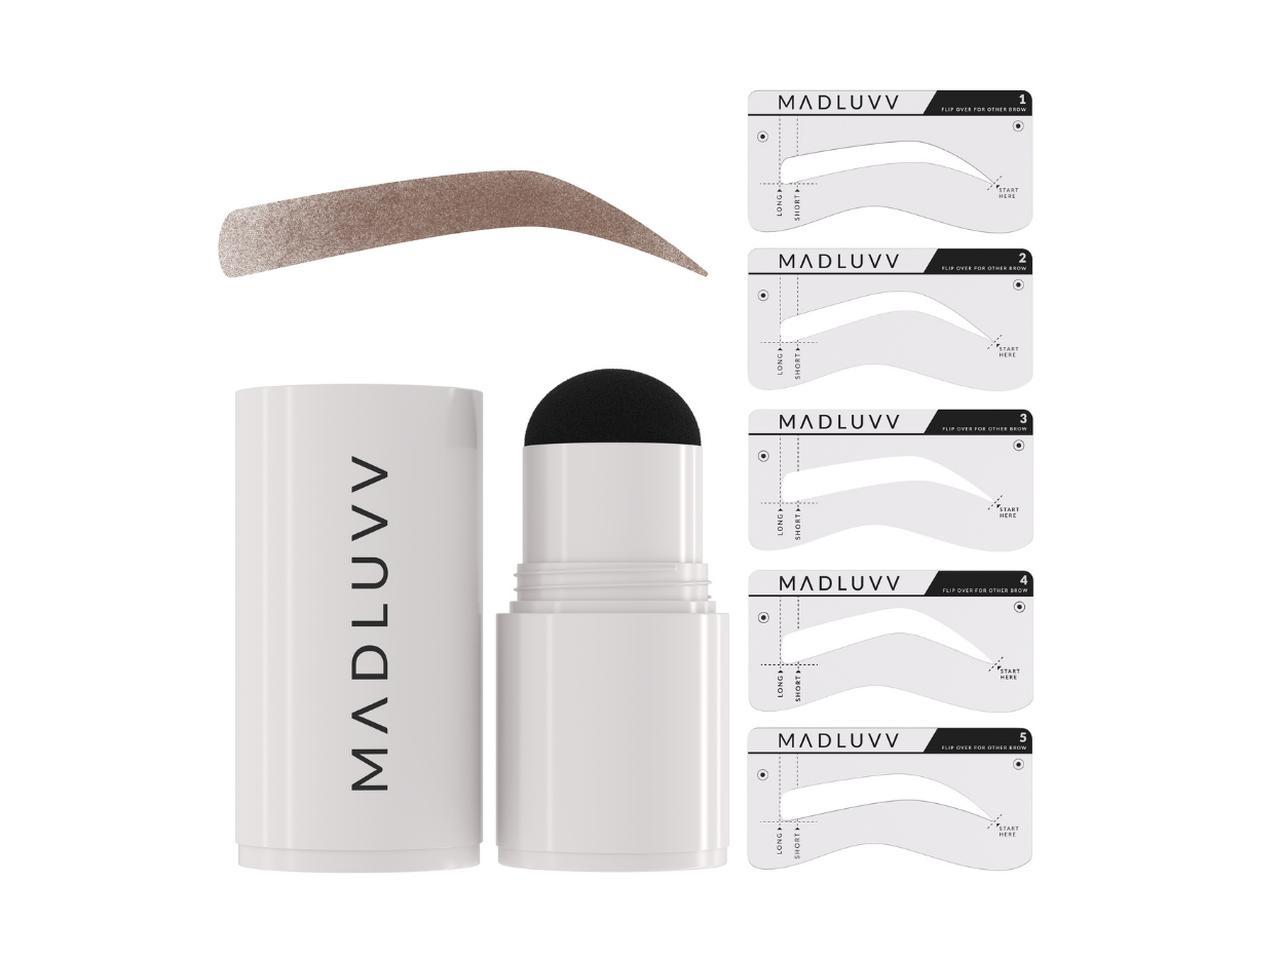 画像: madluvv.com